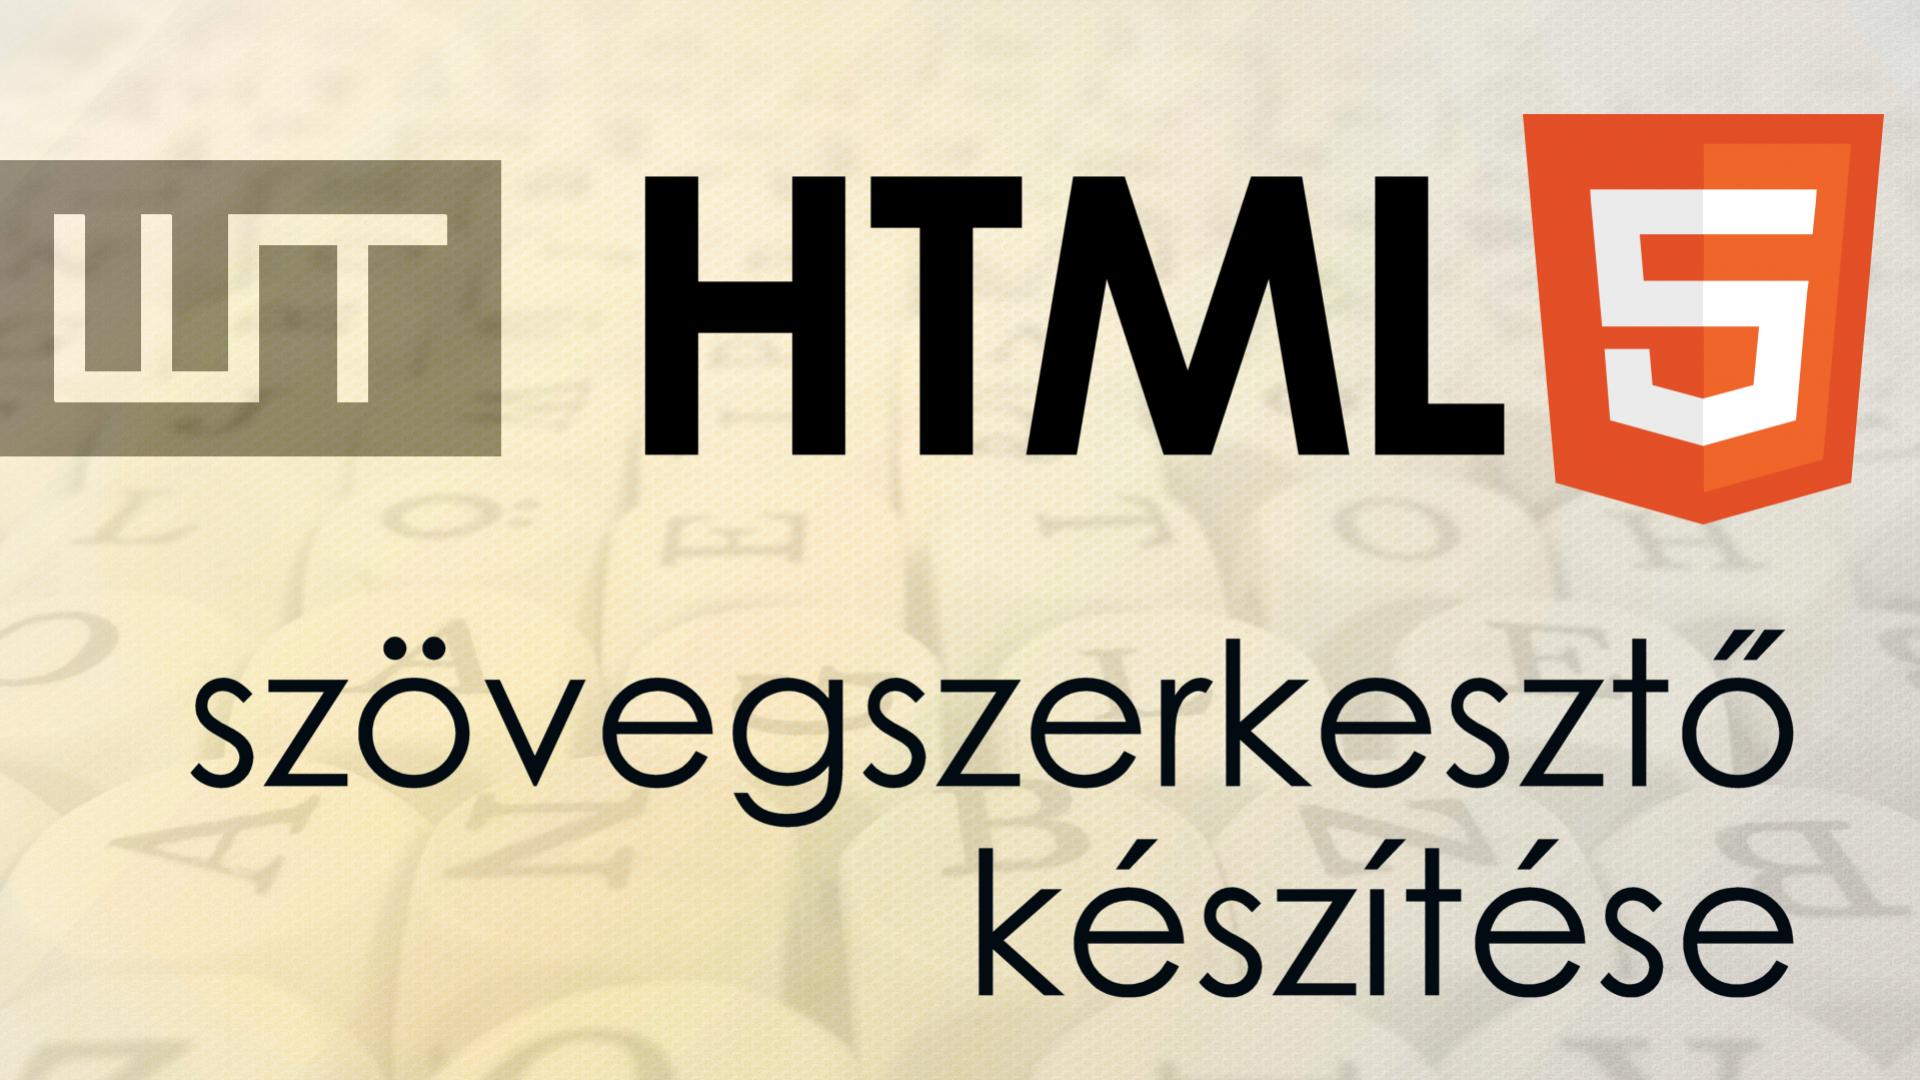 HTML5 szövegszerkesztő készítése